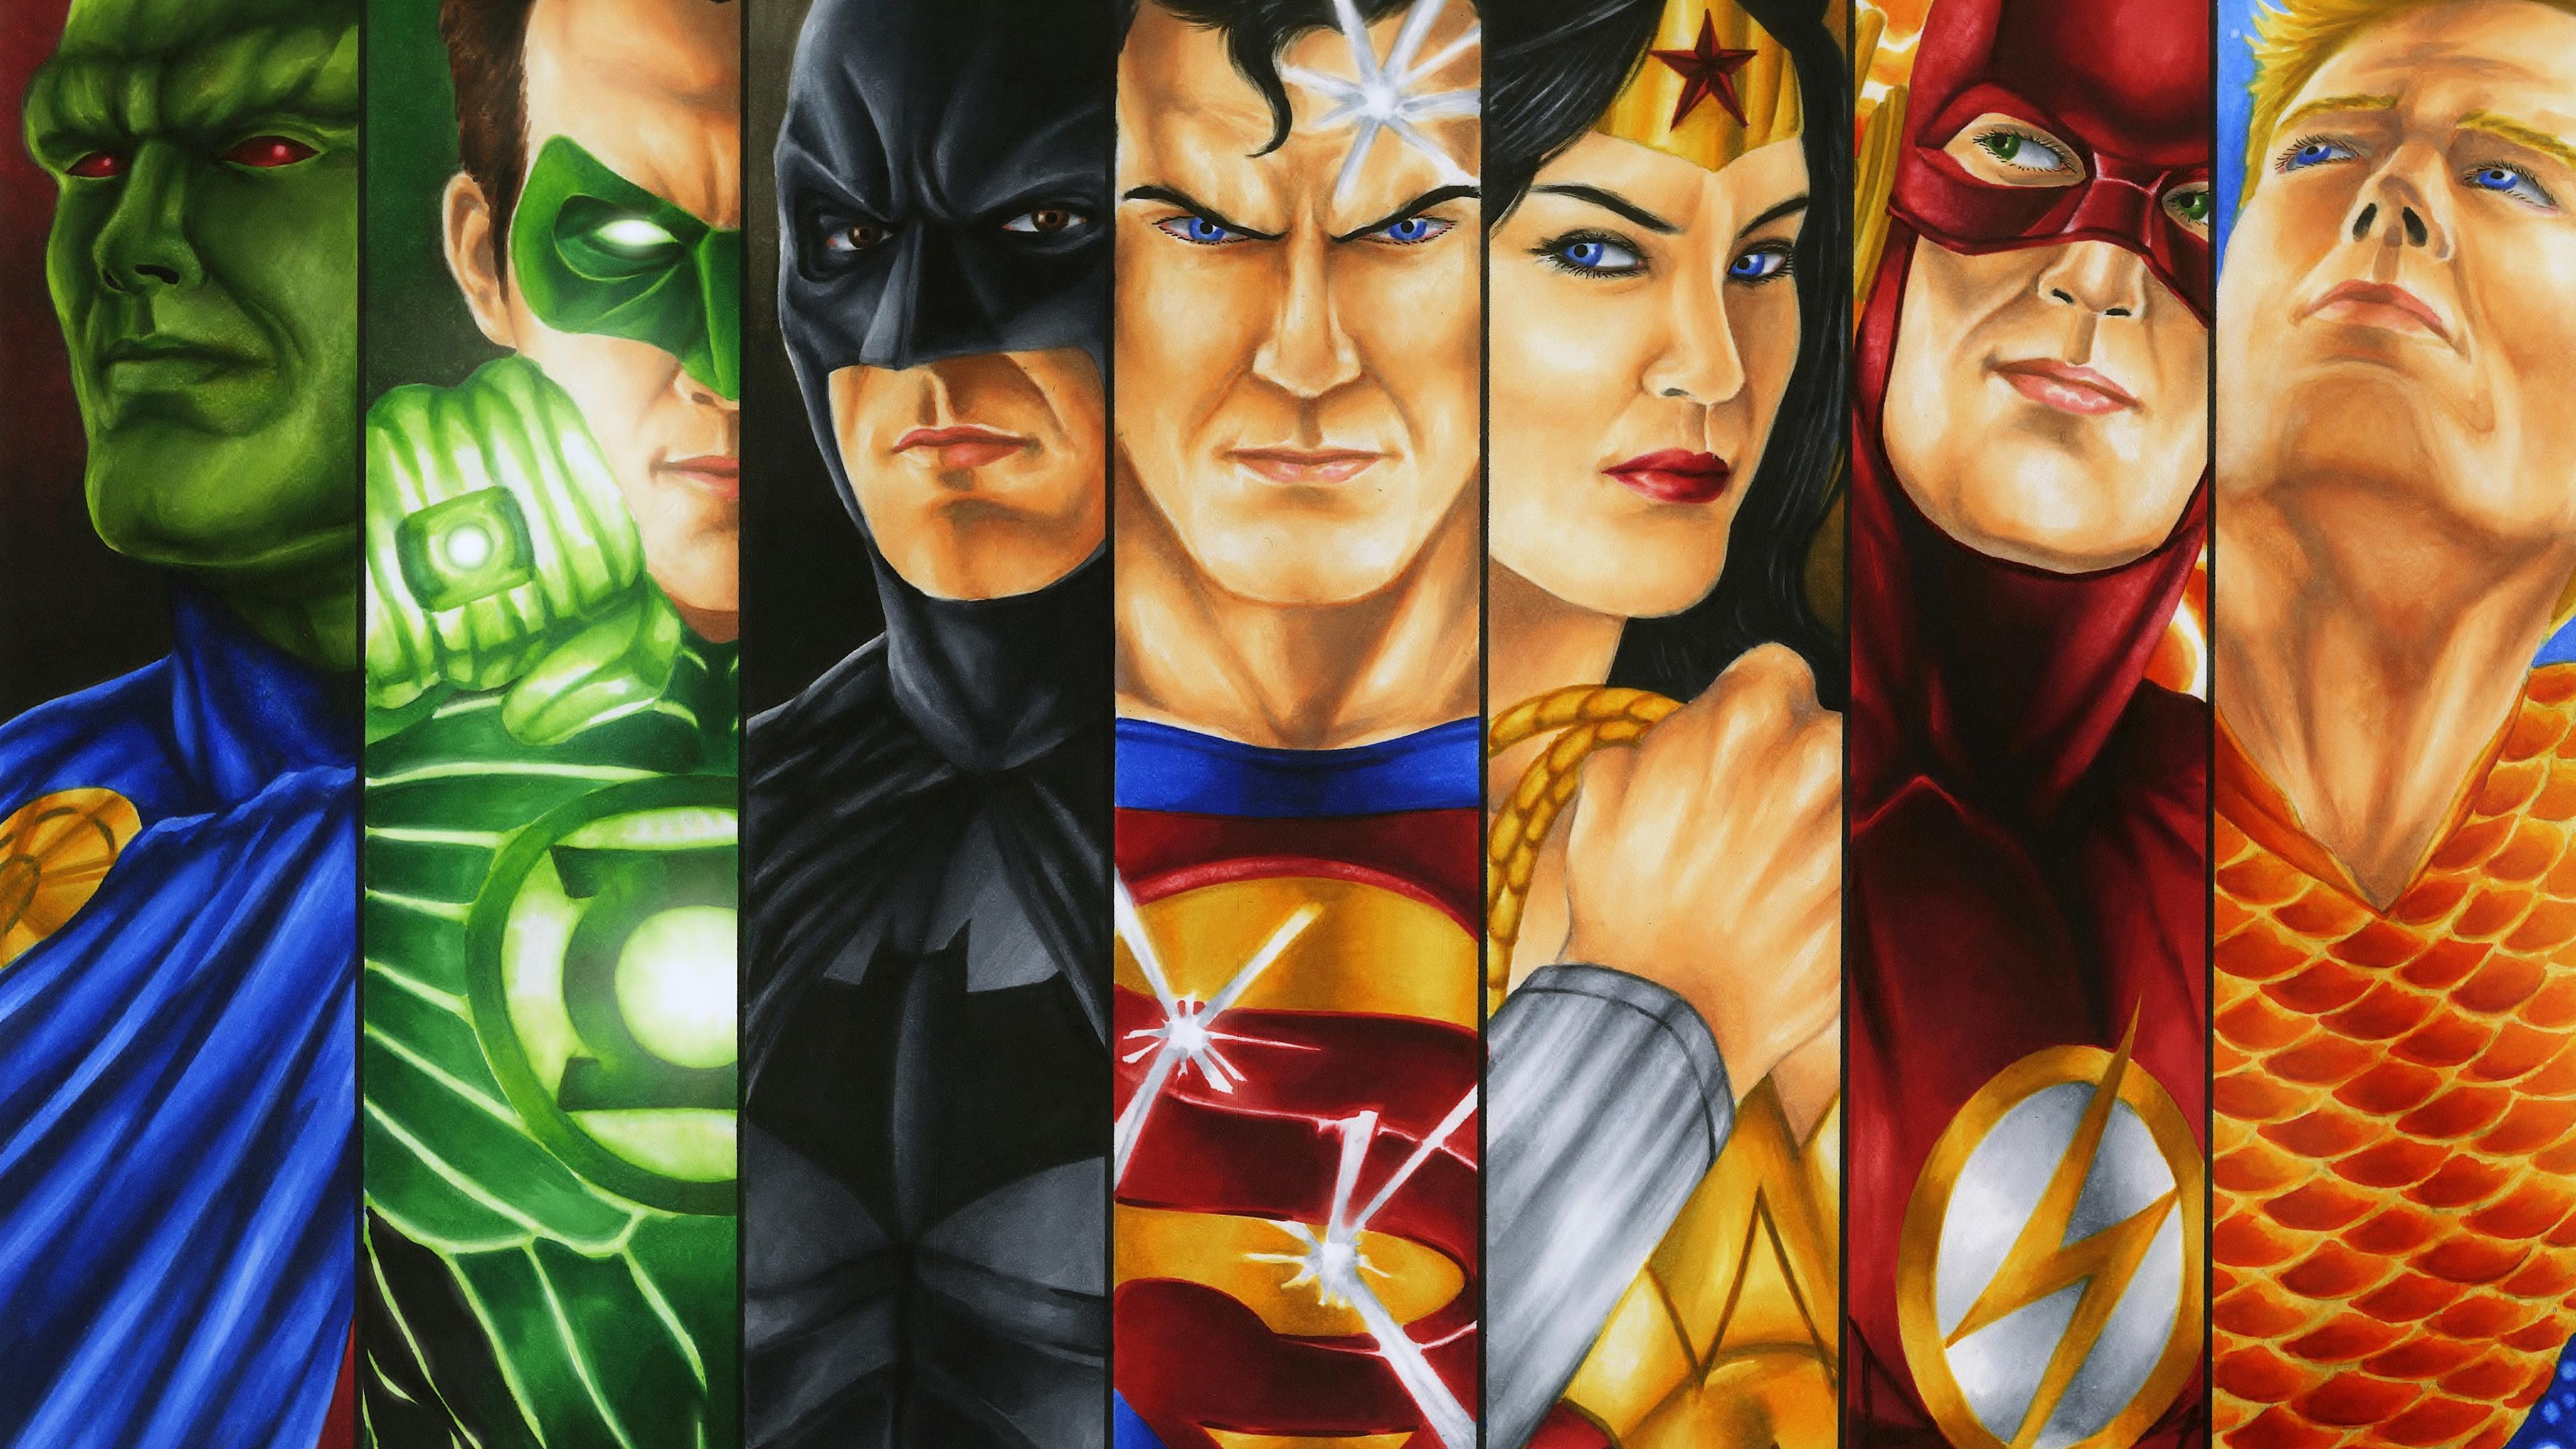 Justice League Heroes Fan art 4k